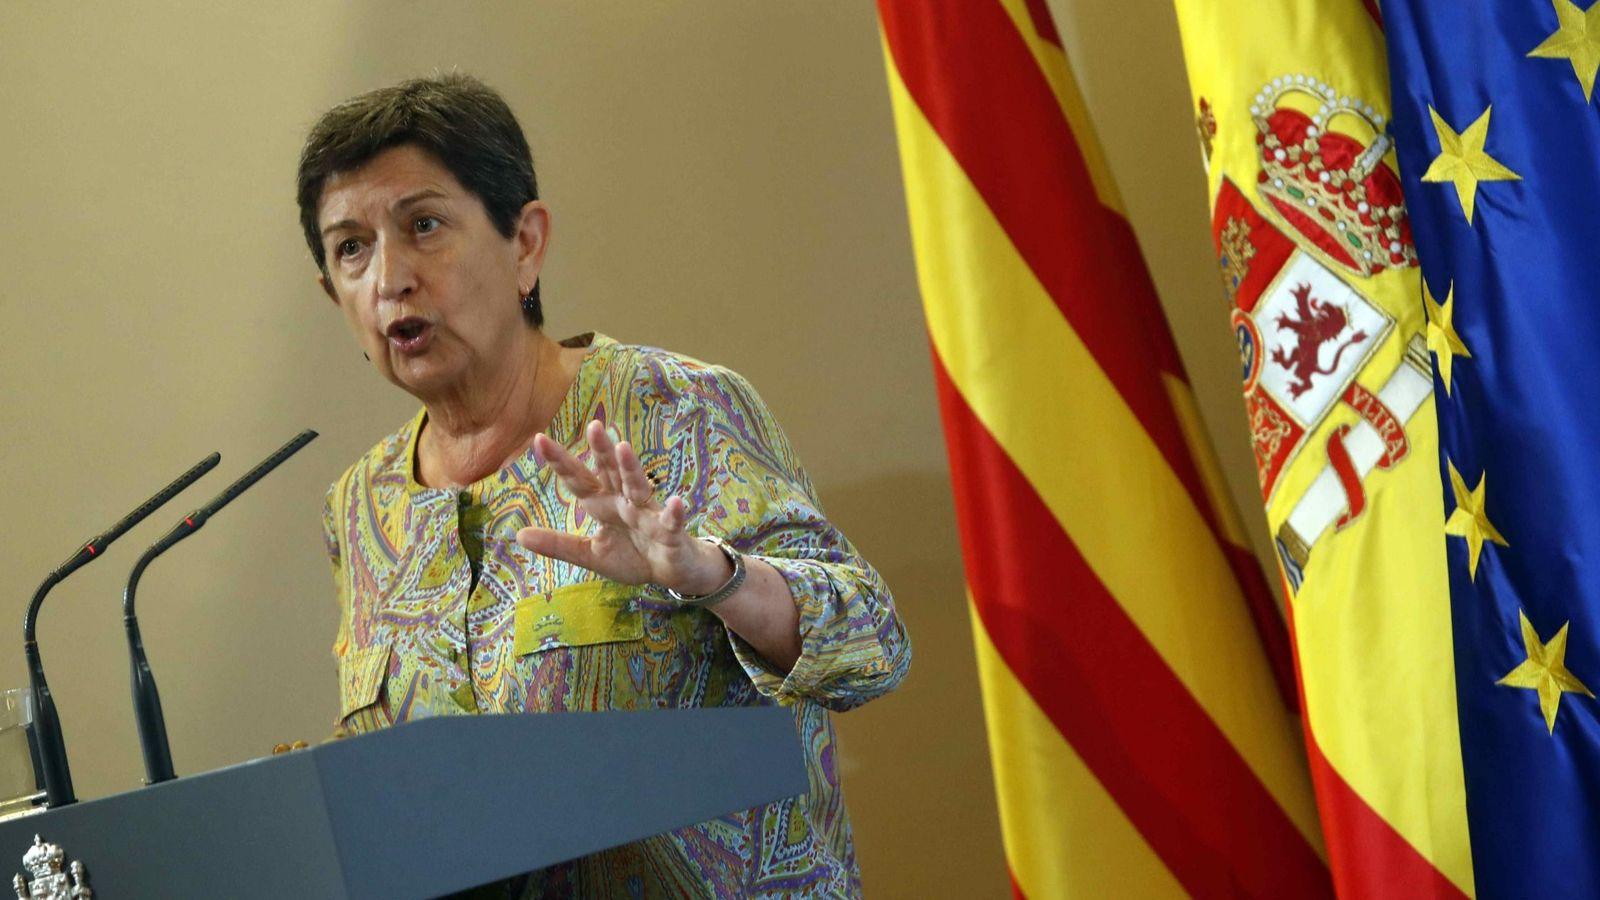 Foto: La delegada del Gobierno en Cataluña, Teresa Cunillera. (EFE)